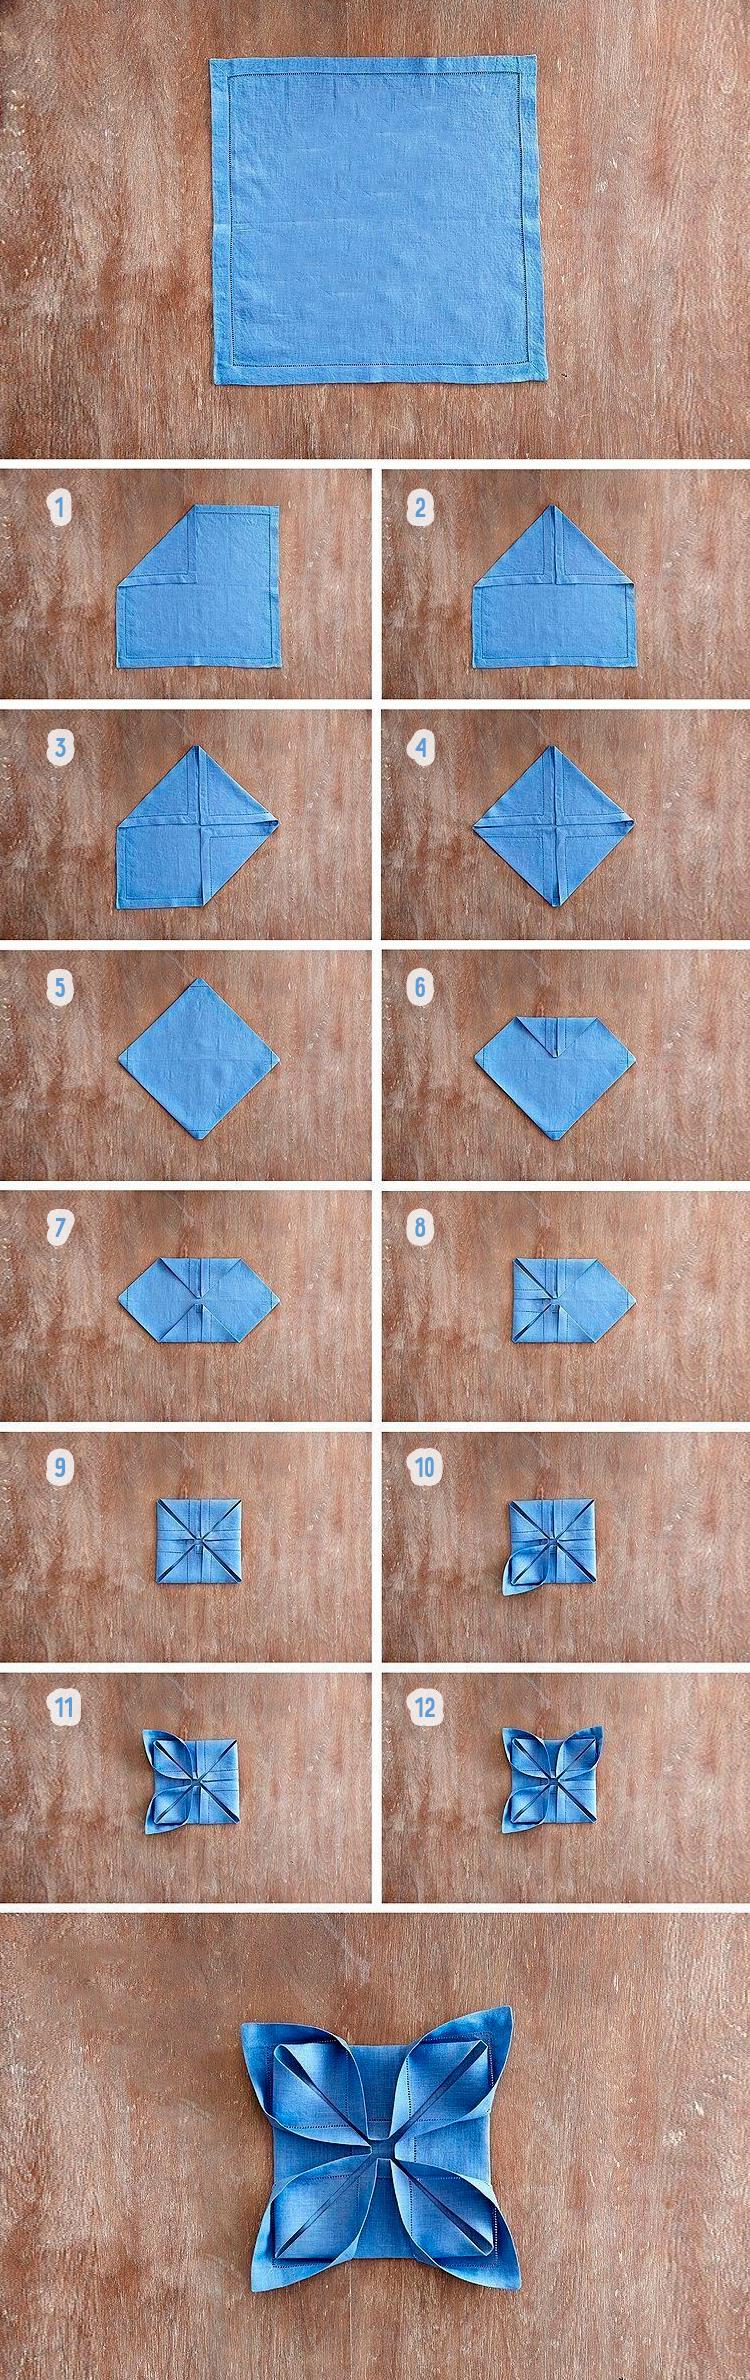 Красиво складаємо серветки різними способами: 16 покрокових схем